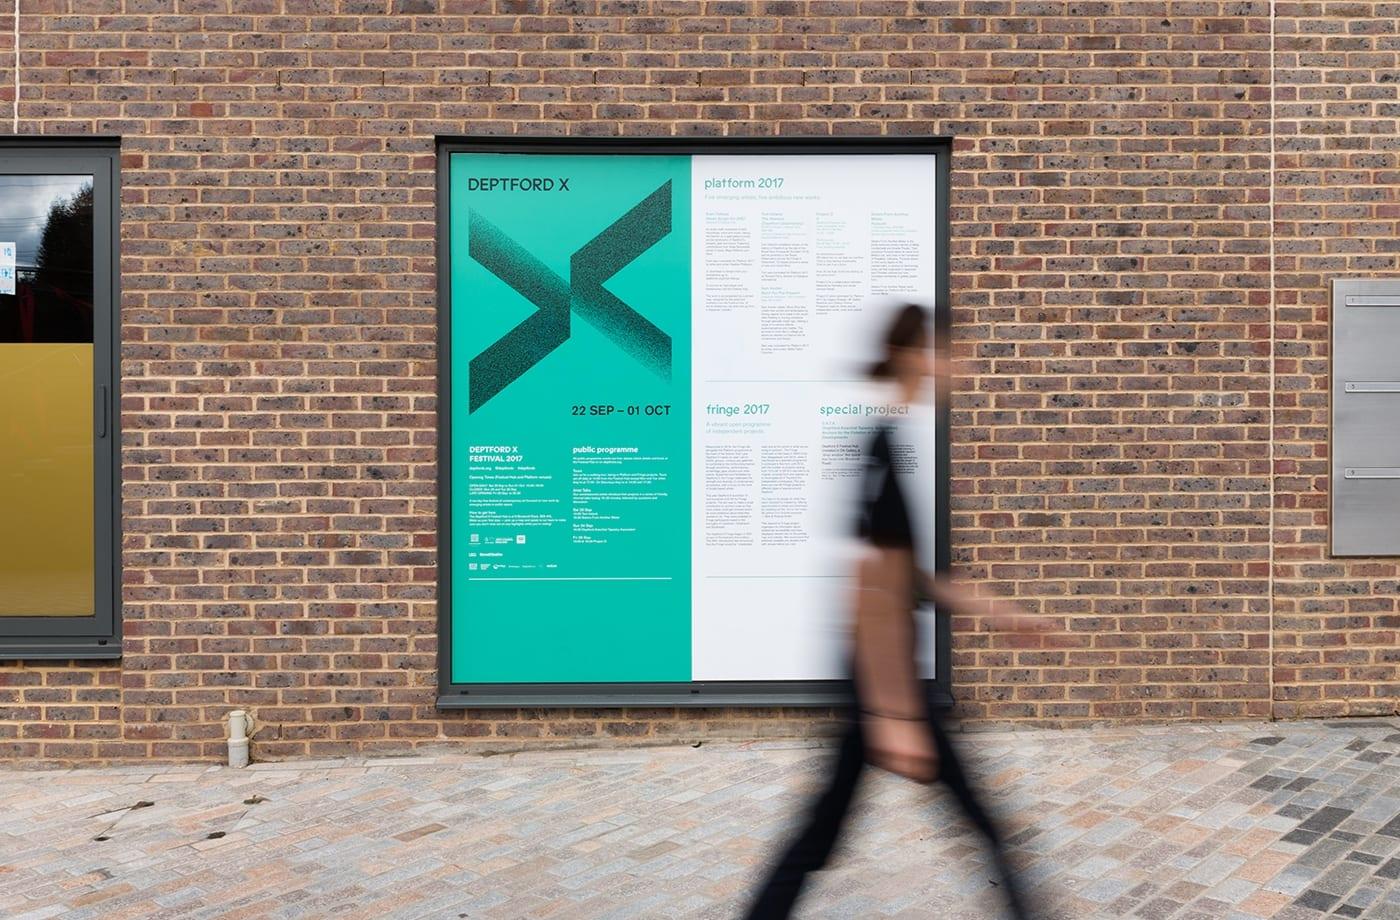 08 Deptford X Arts Festival Branding Print Poster IYA Studio London UK BPO - Inšpirujte sa týmito skvelými postermi